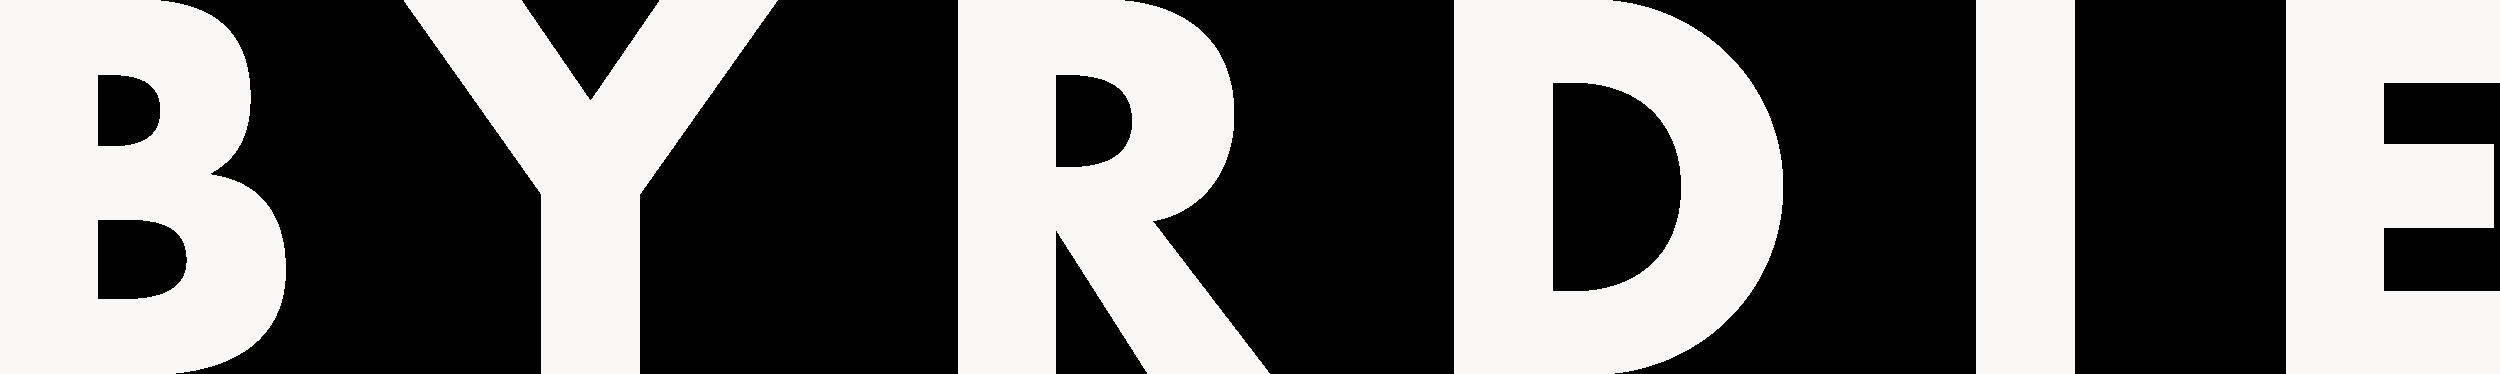 byrdie-logo white.png